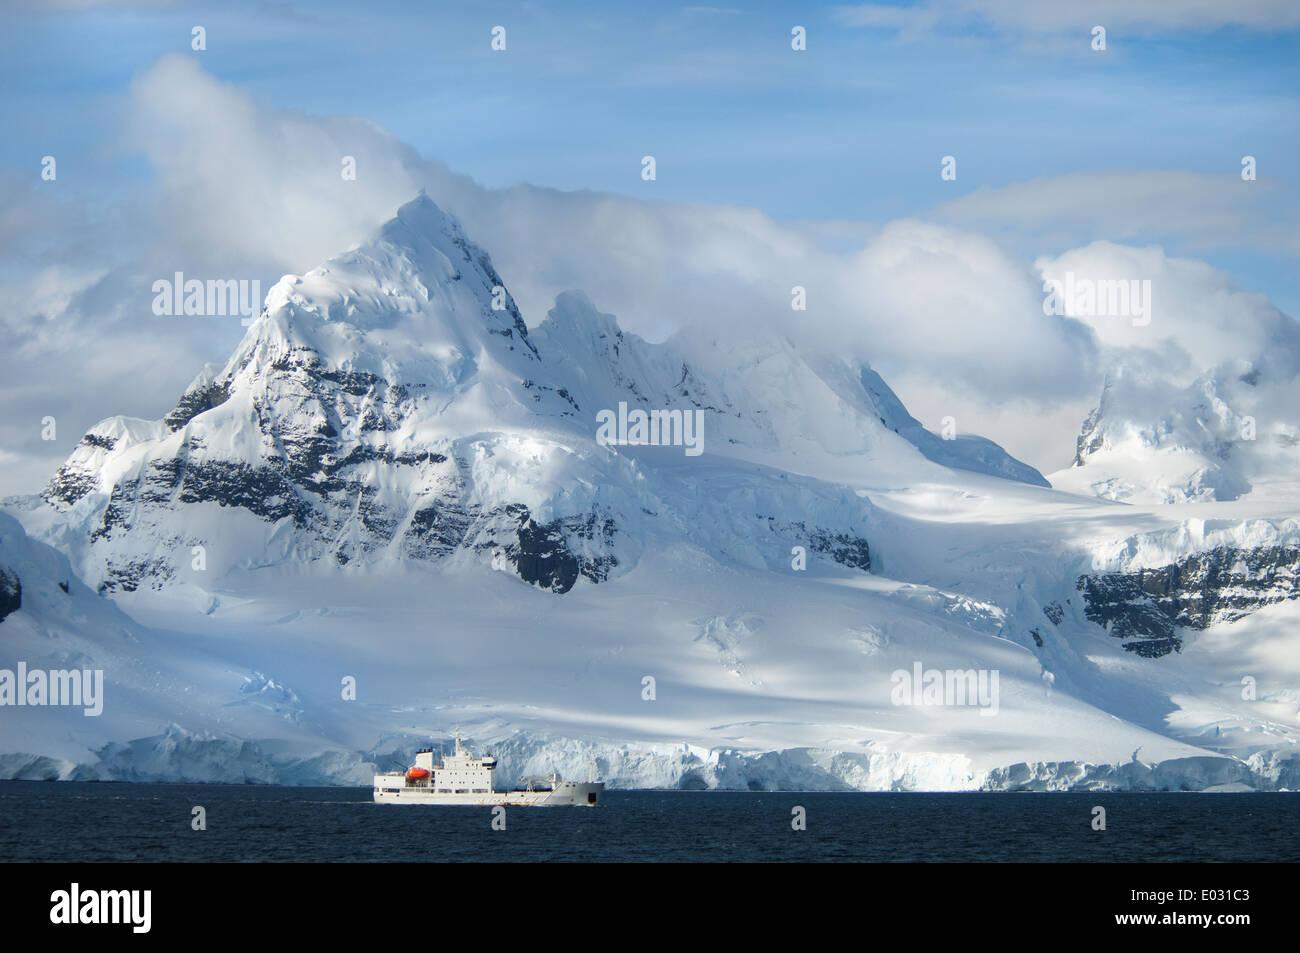 Ein Schiff unter der hoch aufragenden Form einer Bergkette. Stockbild